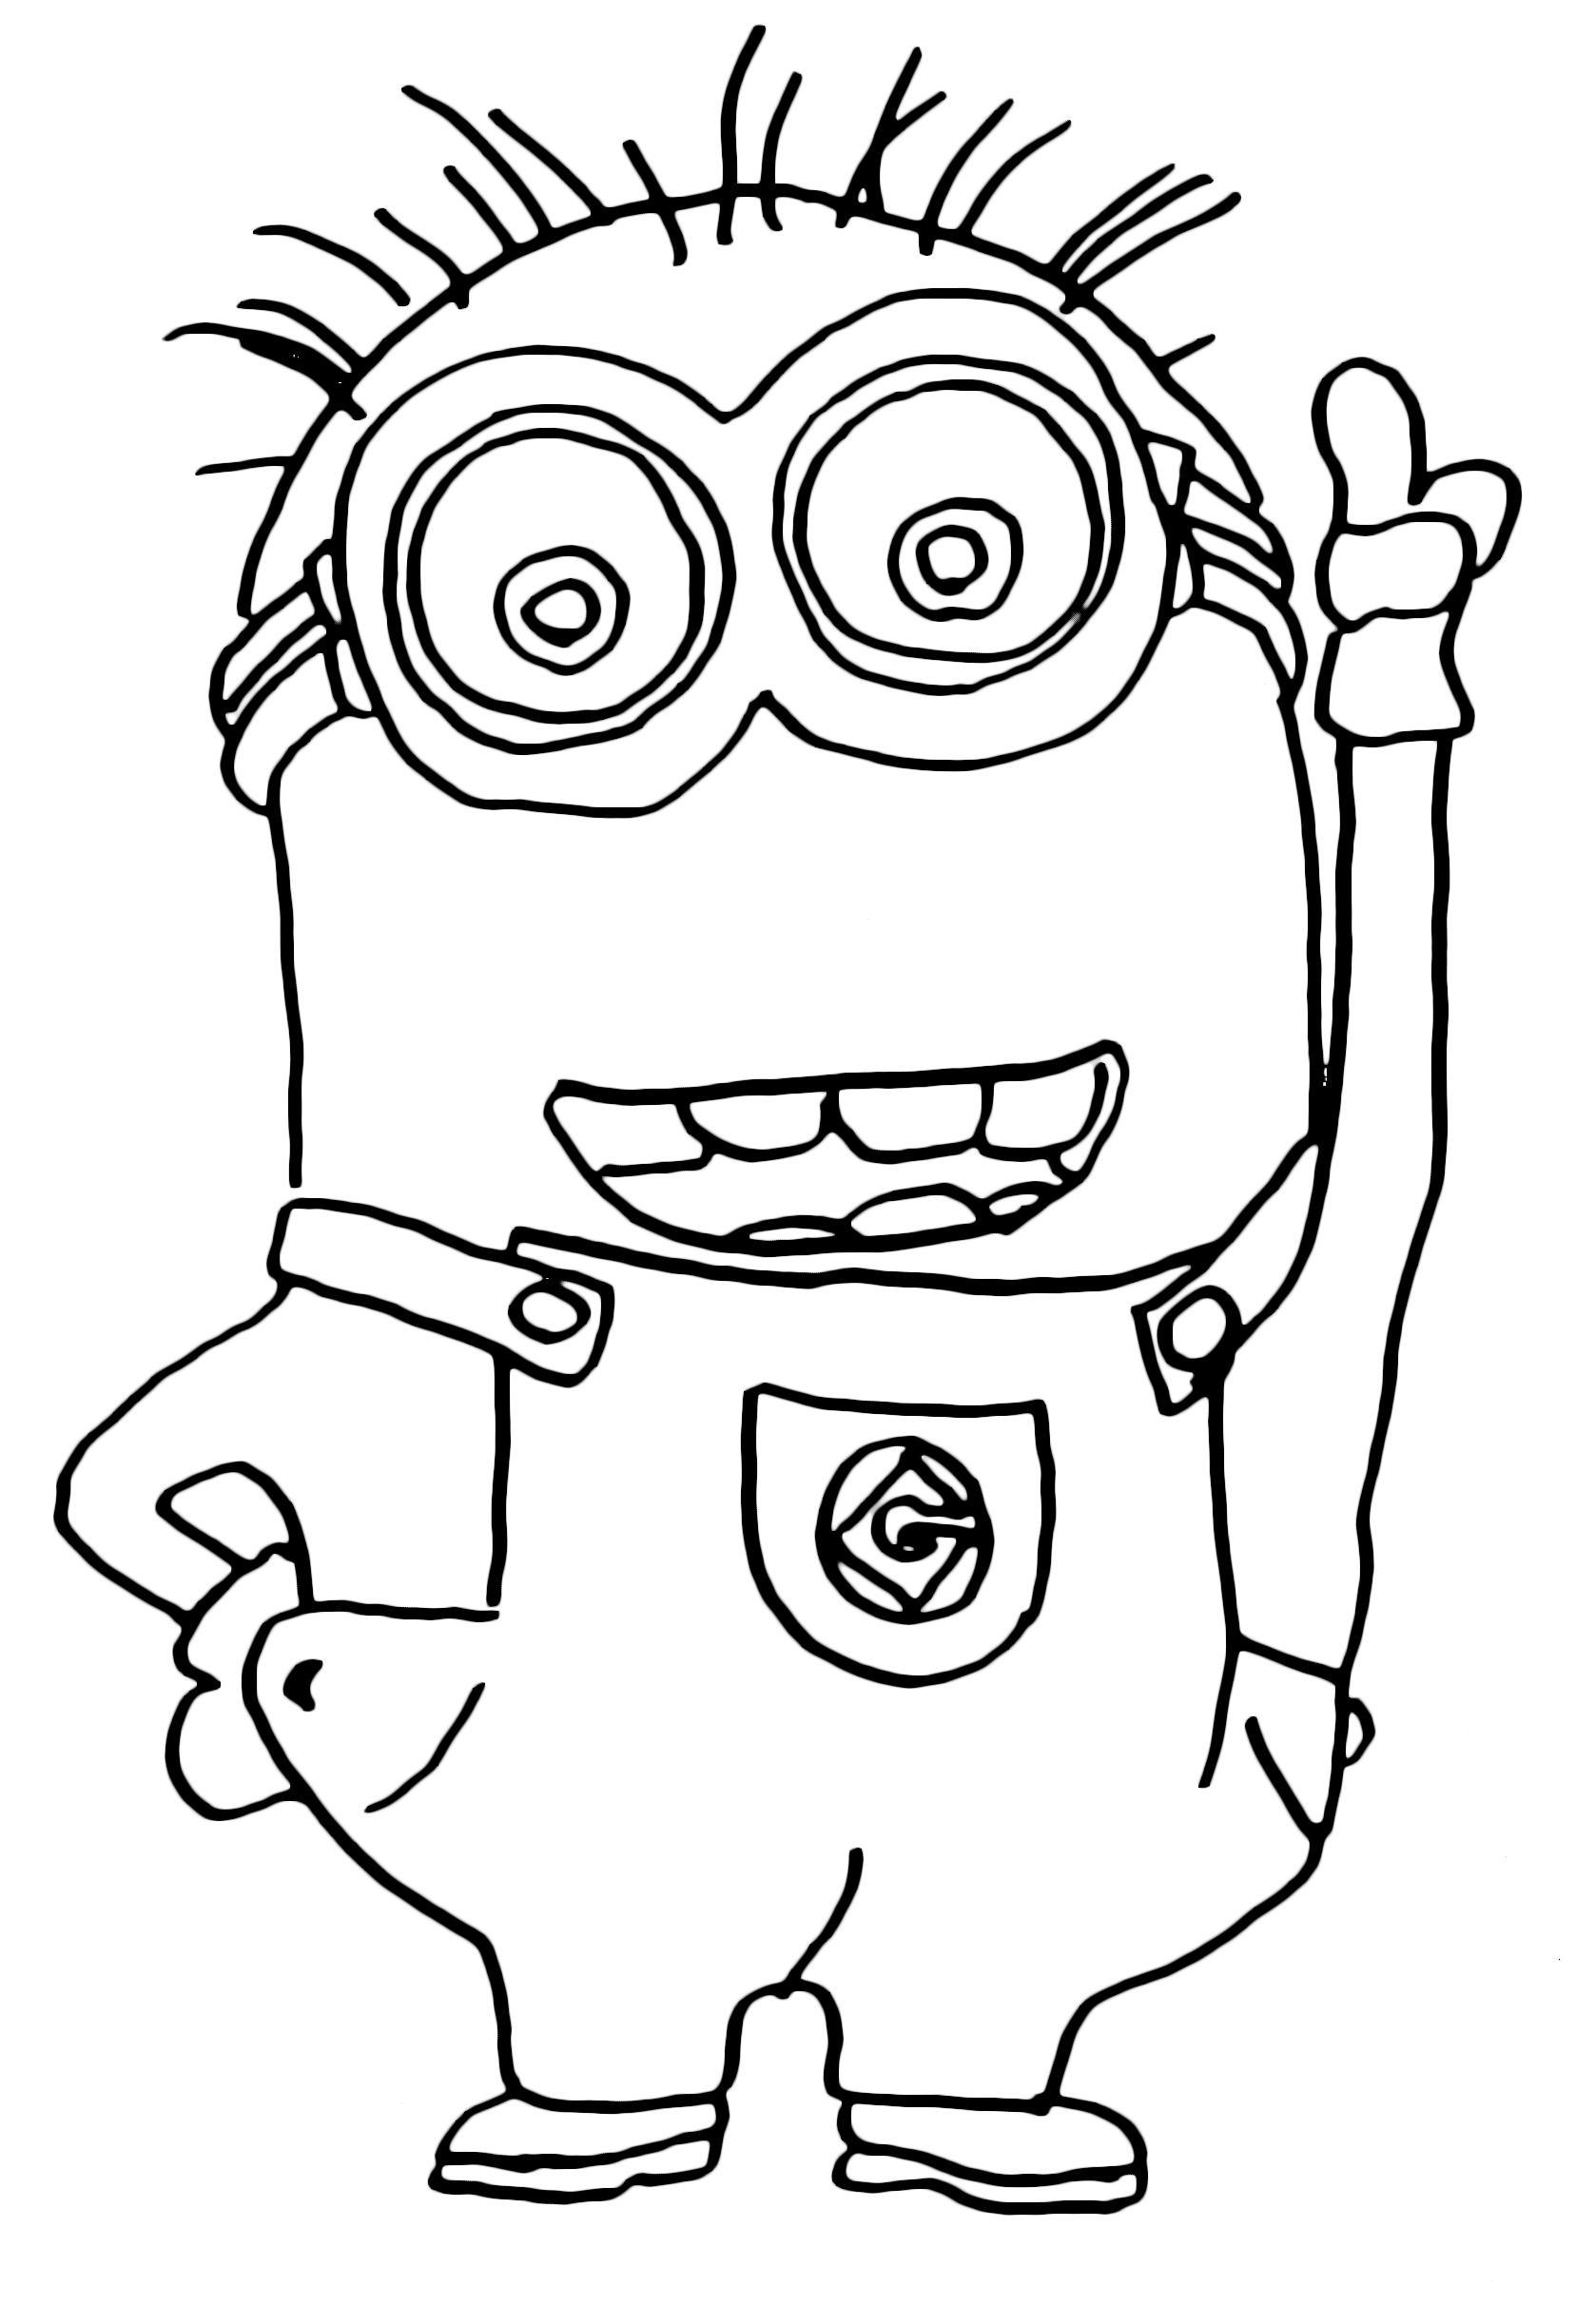 Despicable Me - The Minion Phil has an idea